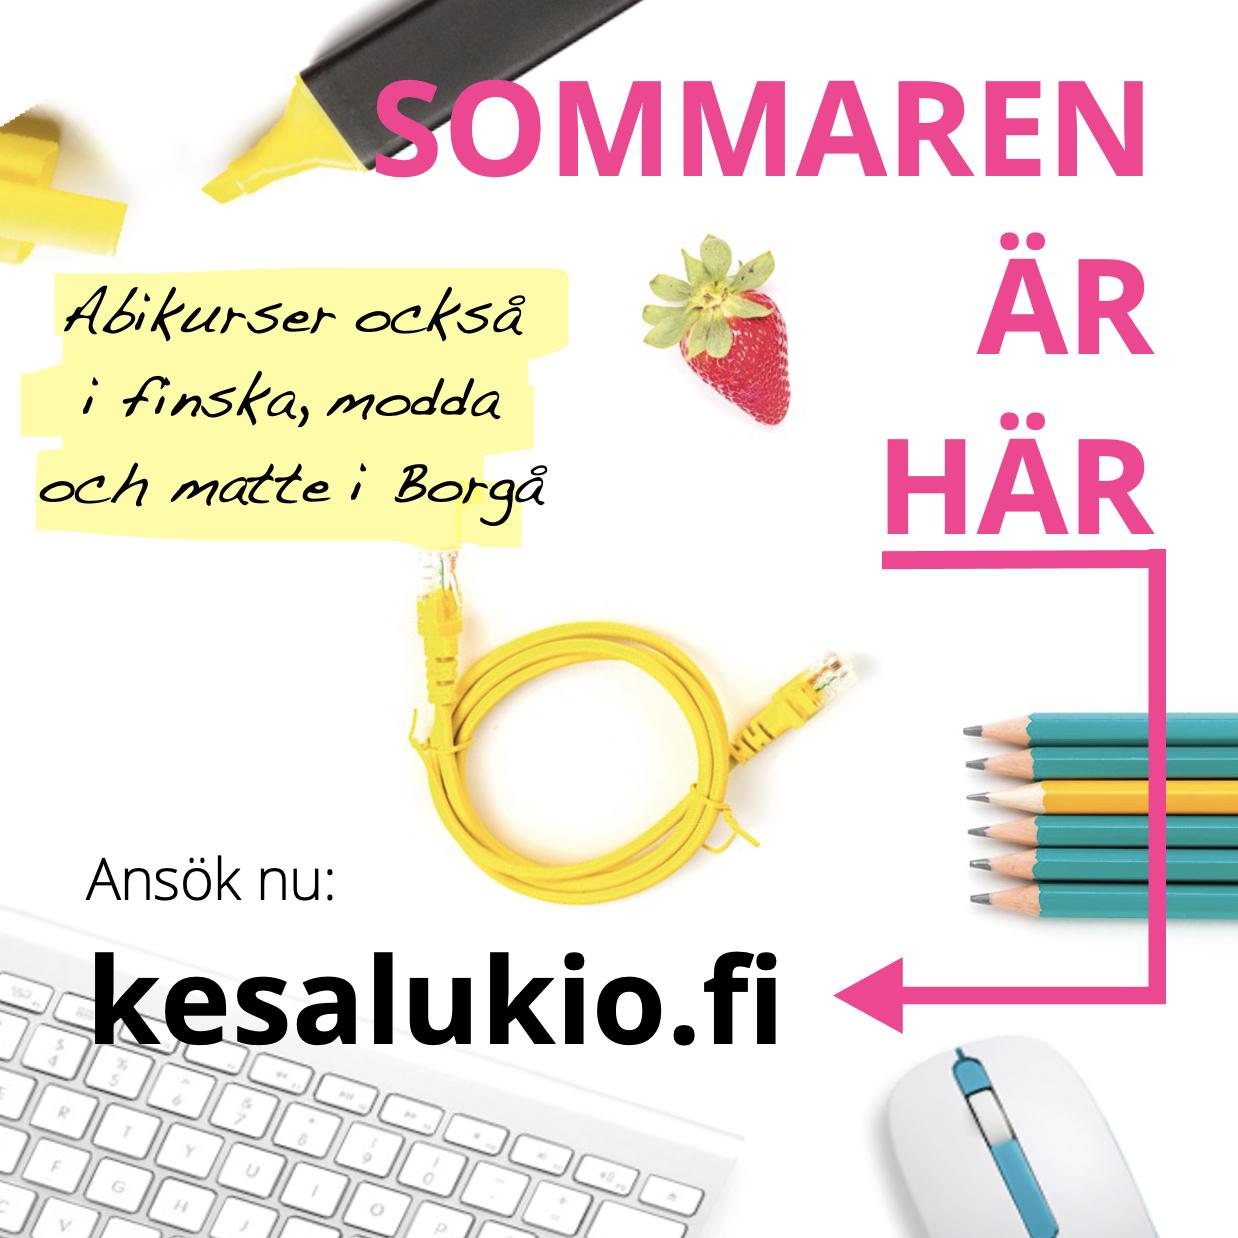 Ansök till sommargymnasier 2021: abikurser också i finska, modda och matte i Borgå